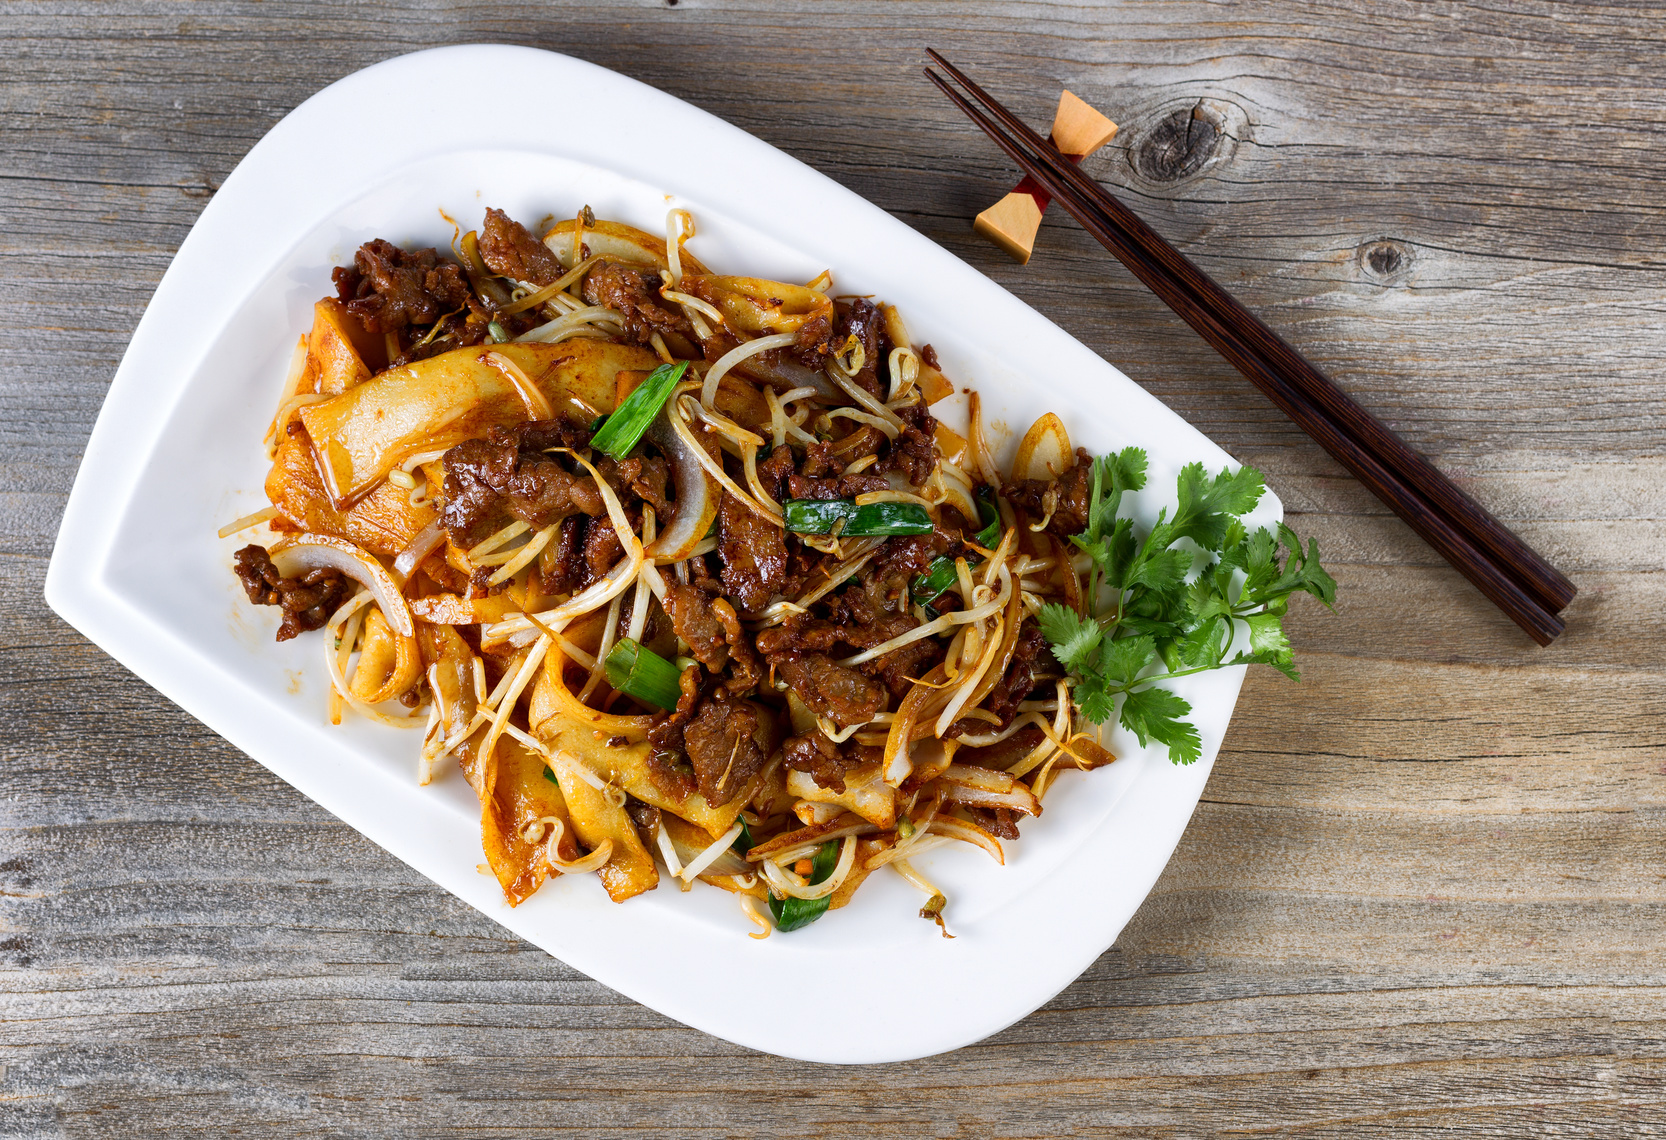 Kiinalainen kahden ruokalajin menu 2-4 hengelle alk. 25€